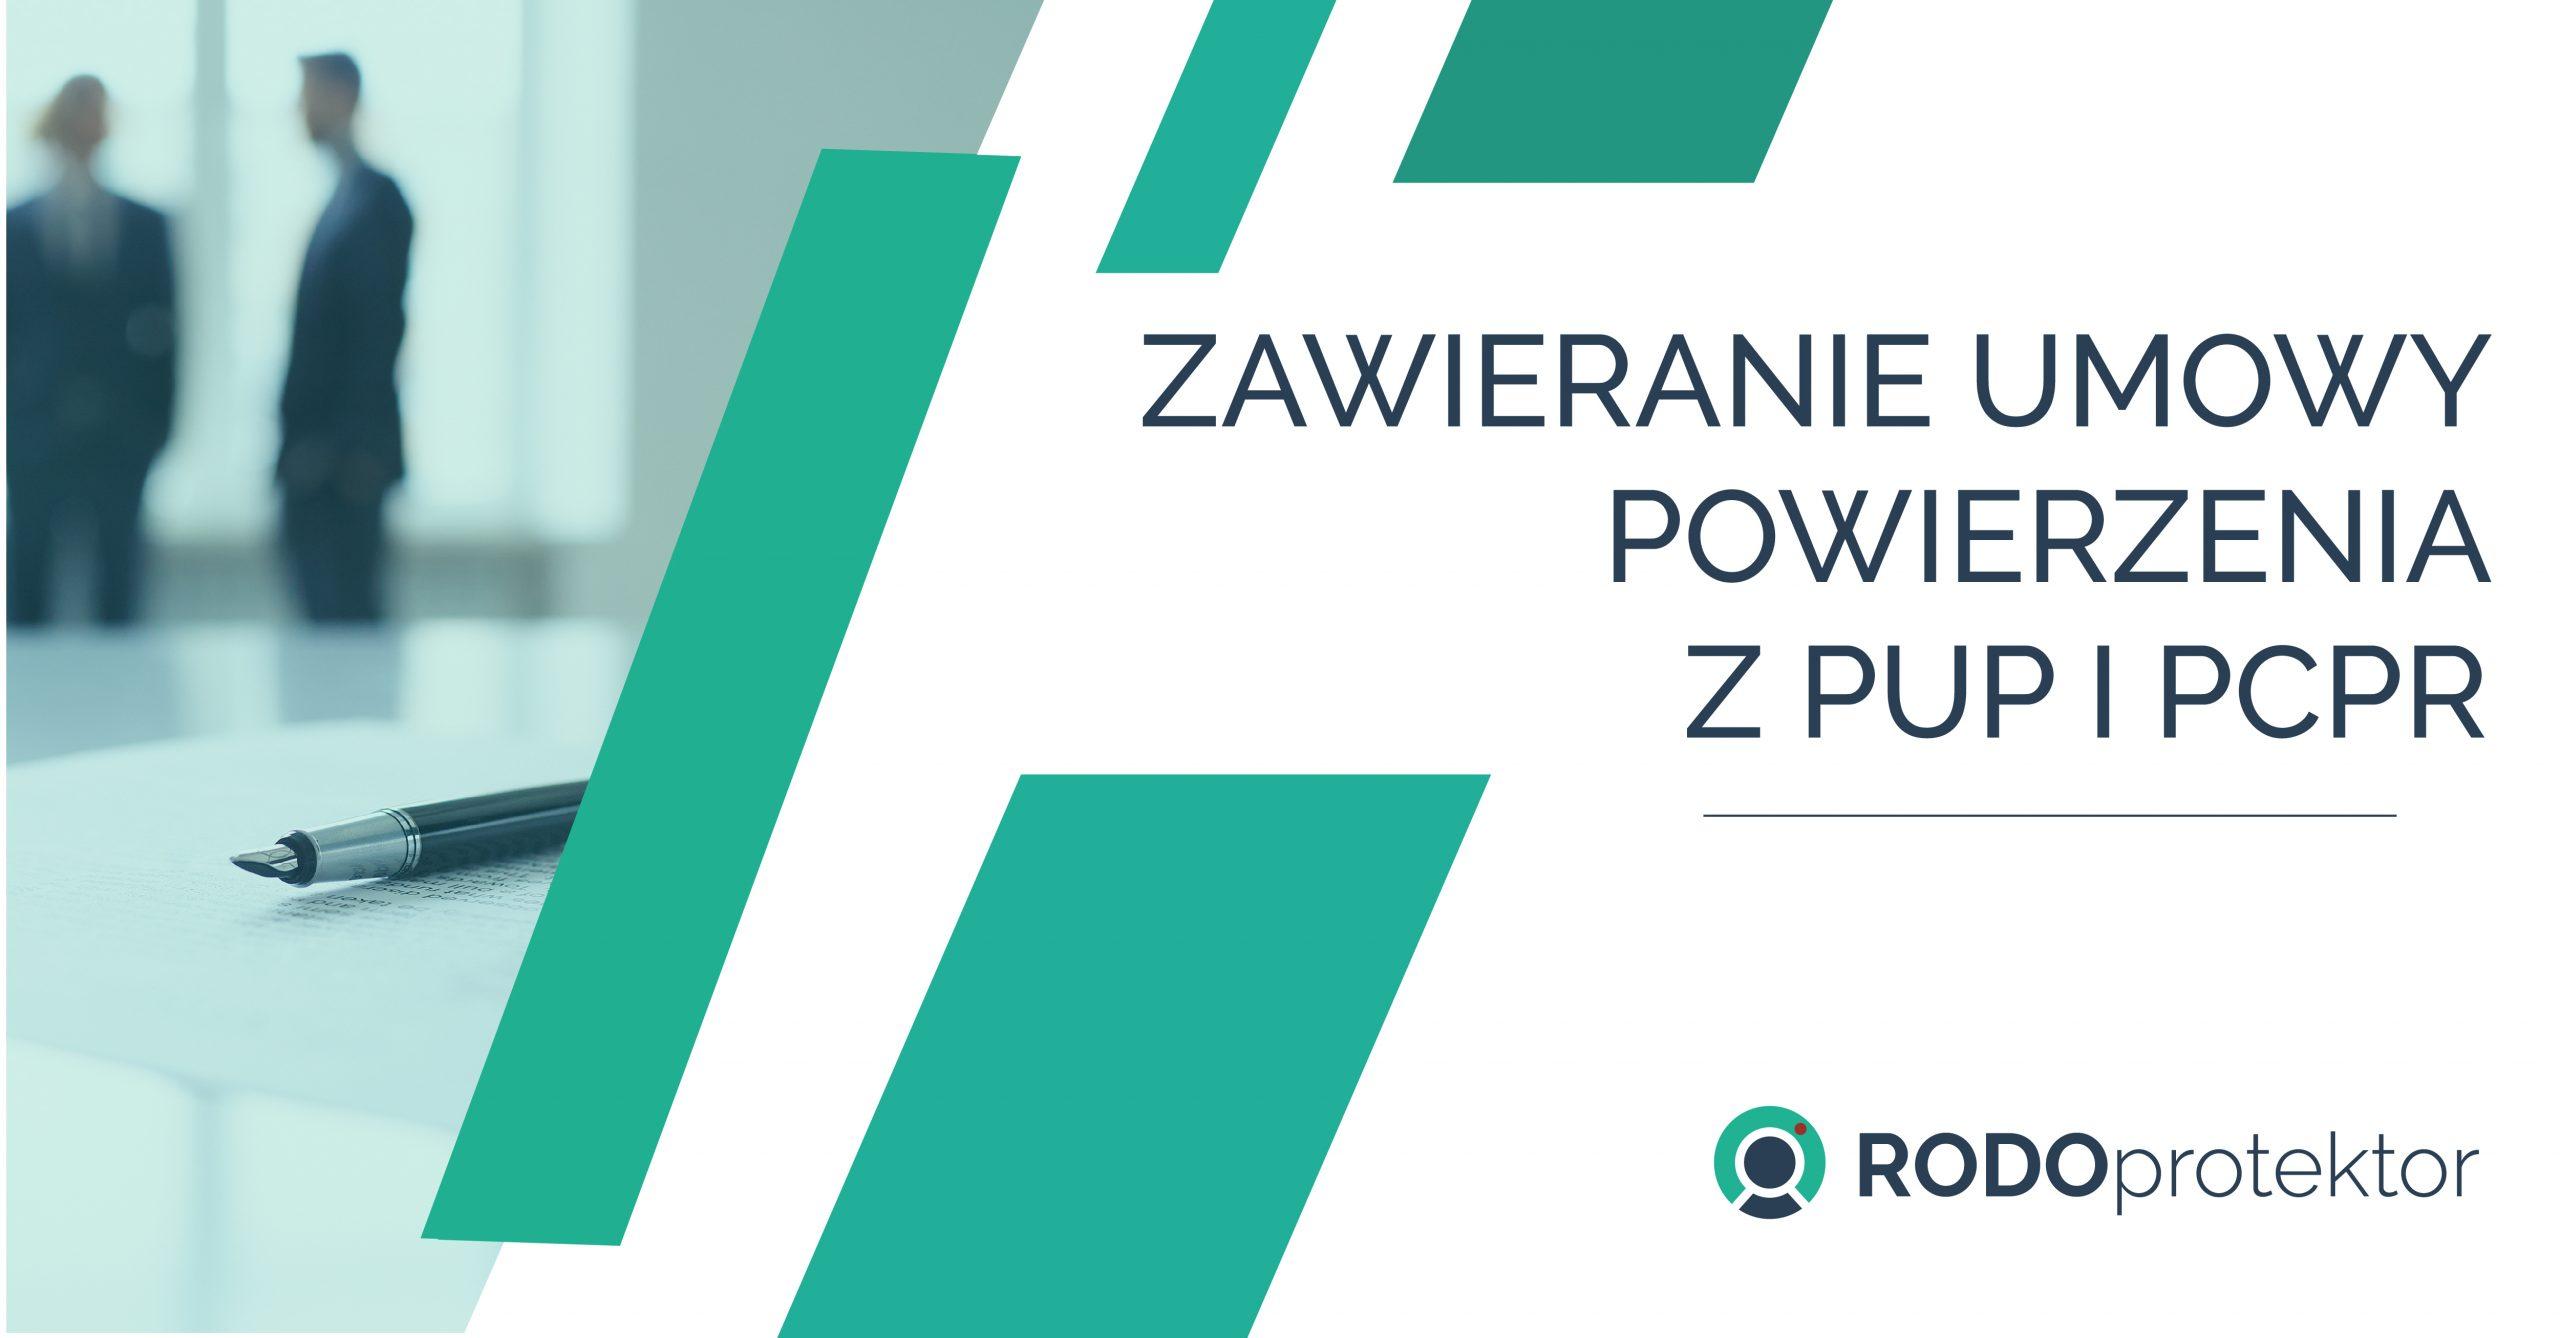 Zawieranie umowy pomiędzy powiatem a PUP i PCPR